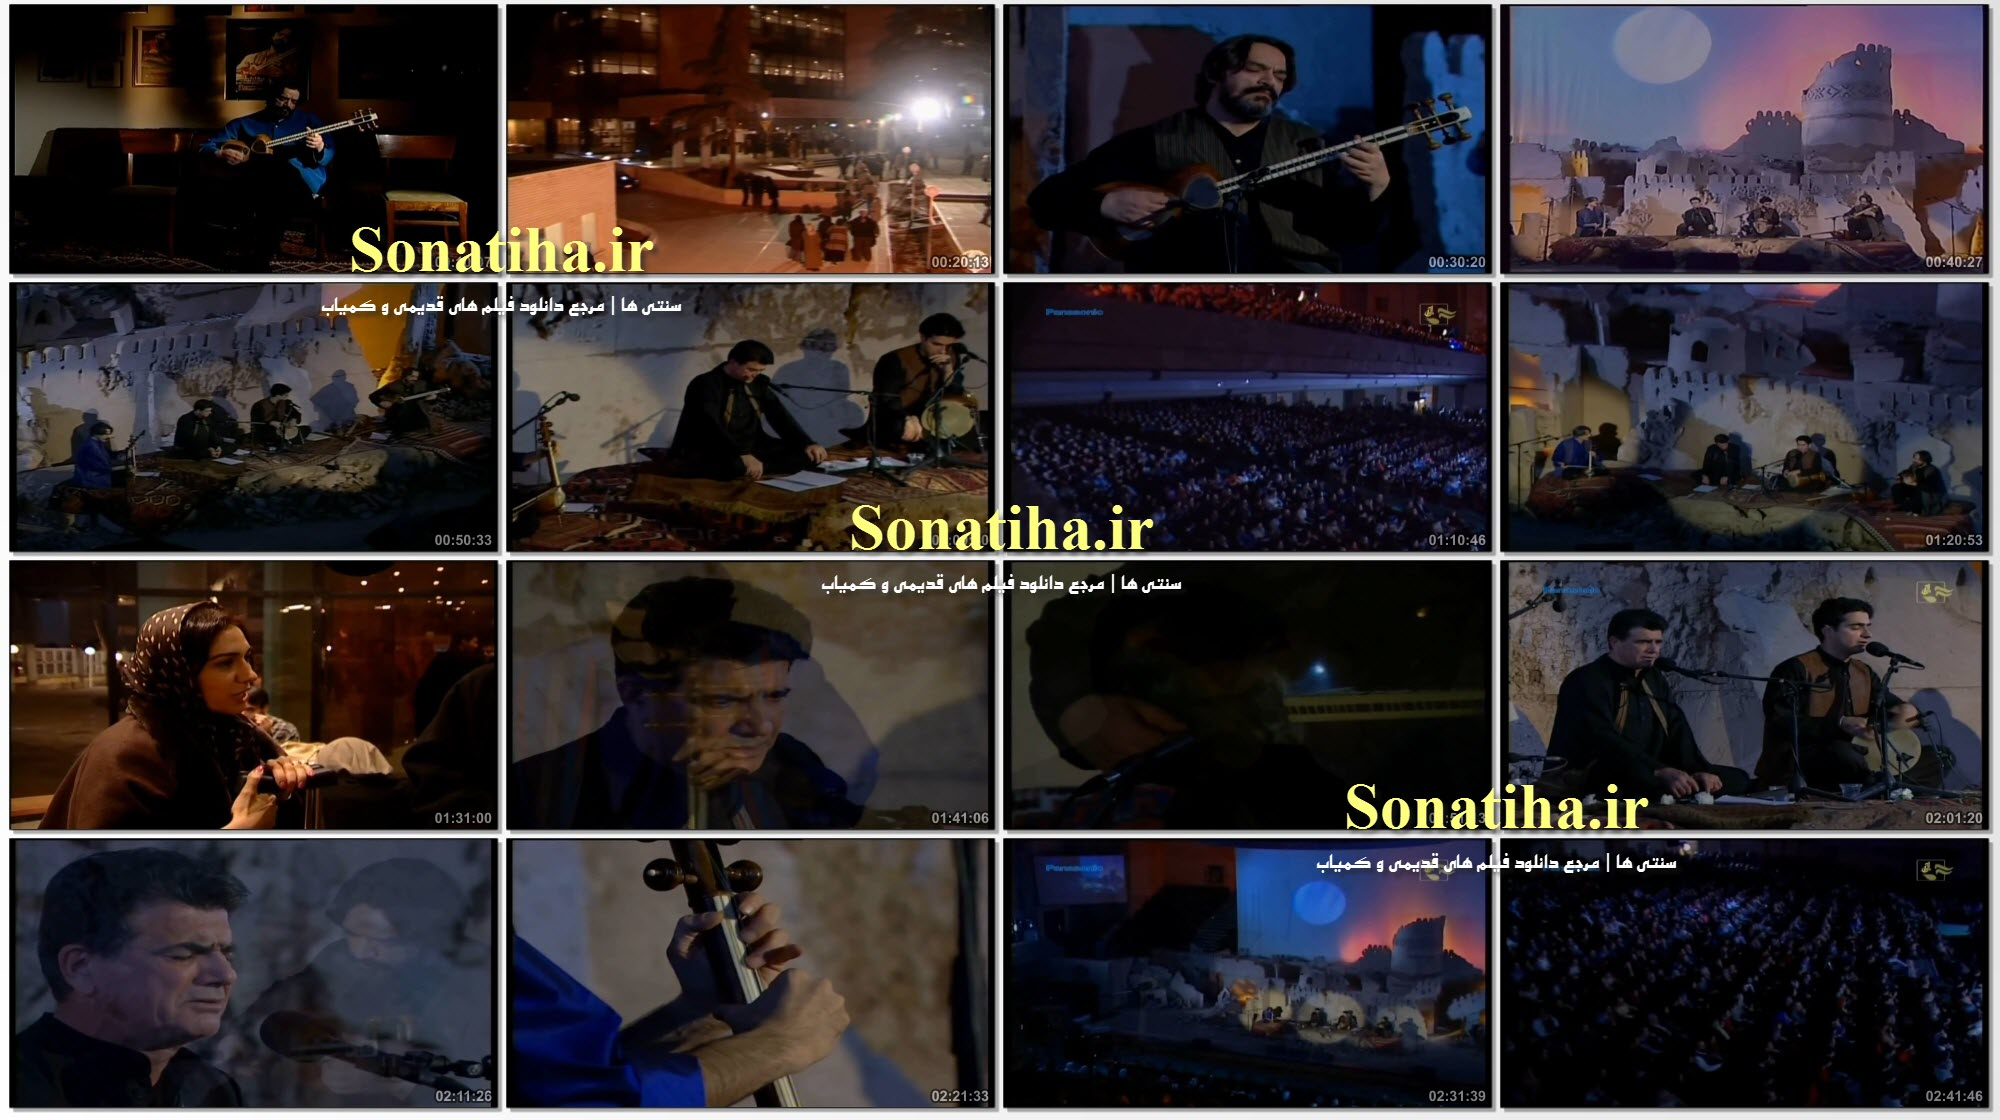 تصاویری از کنسرت هم نوا با بم